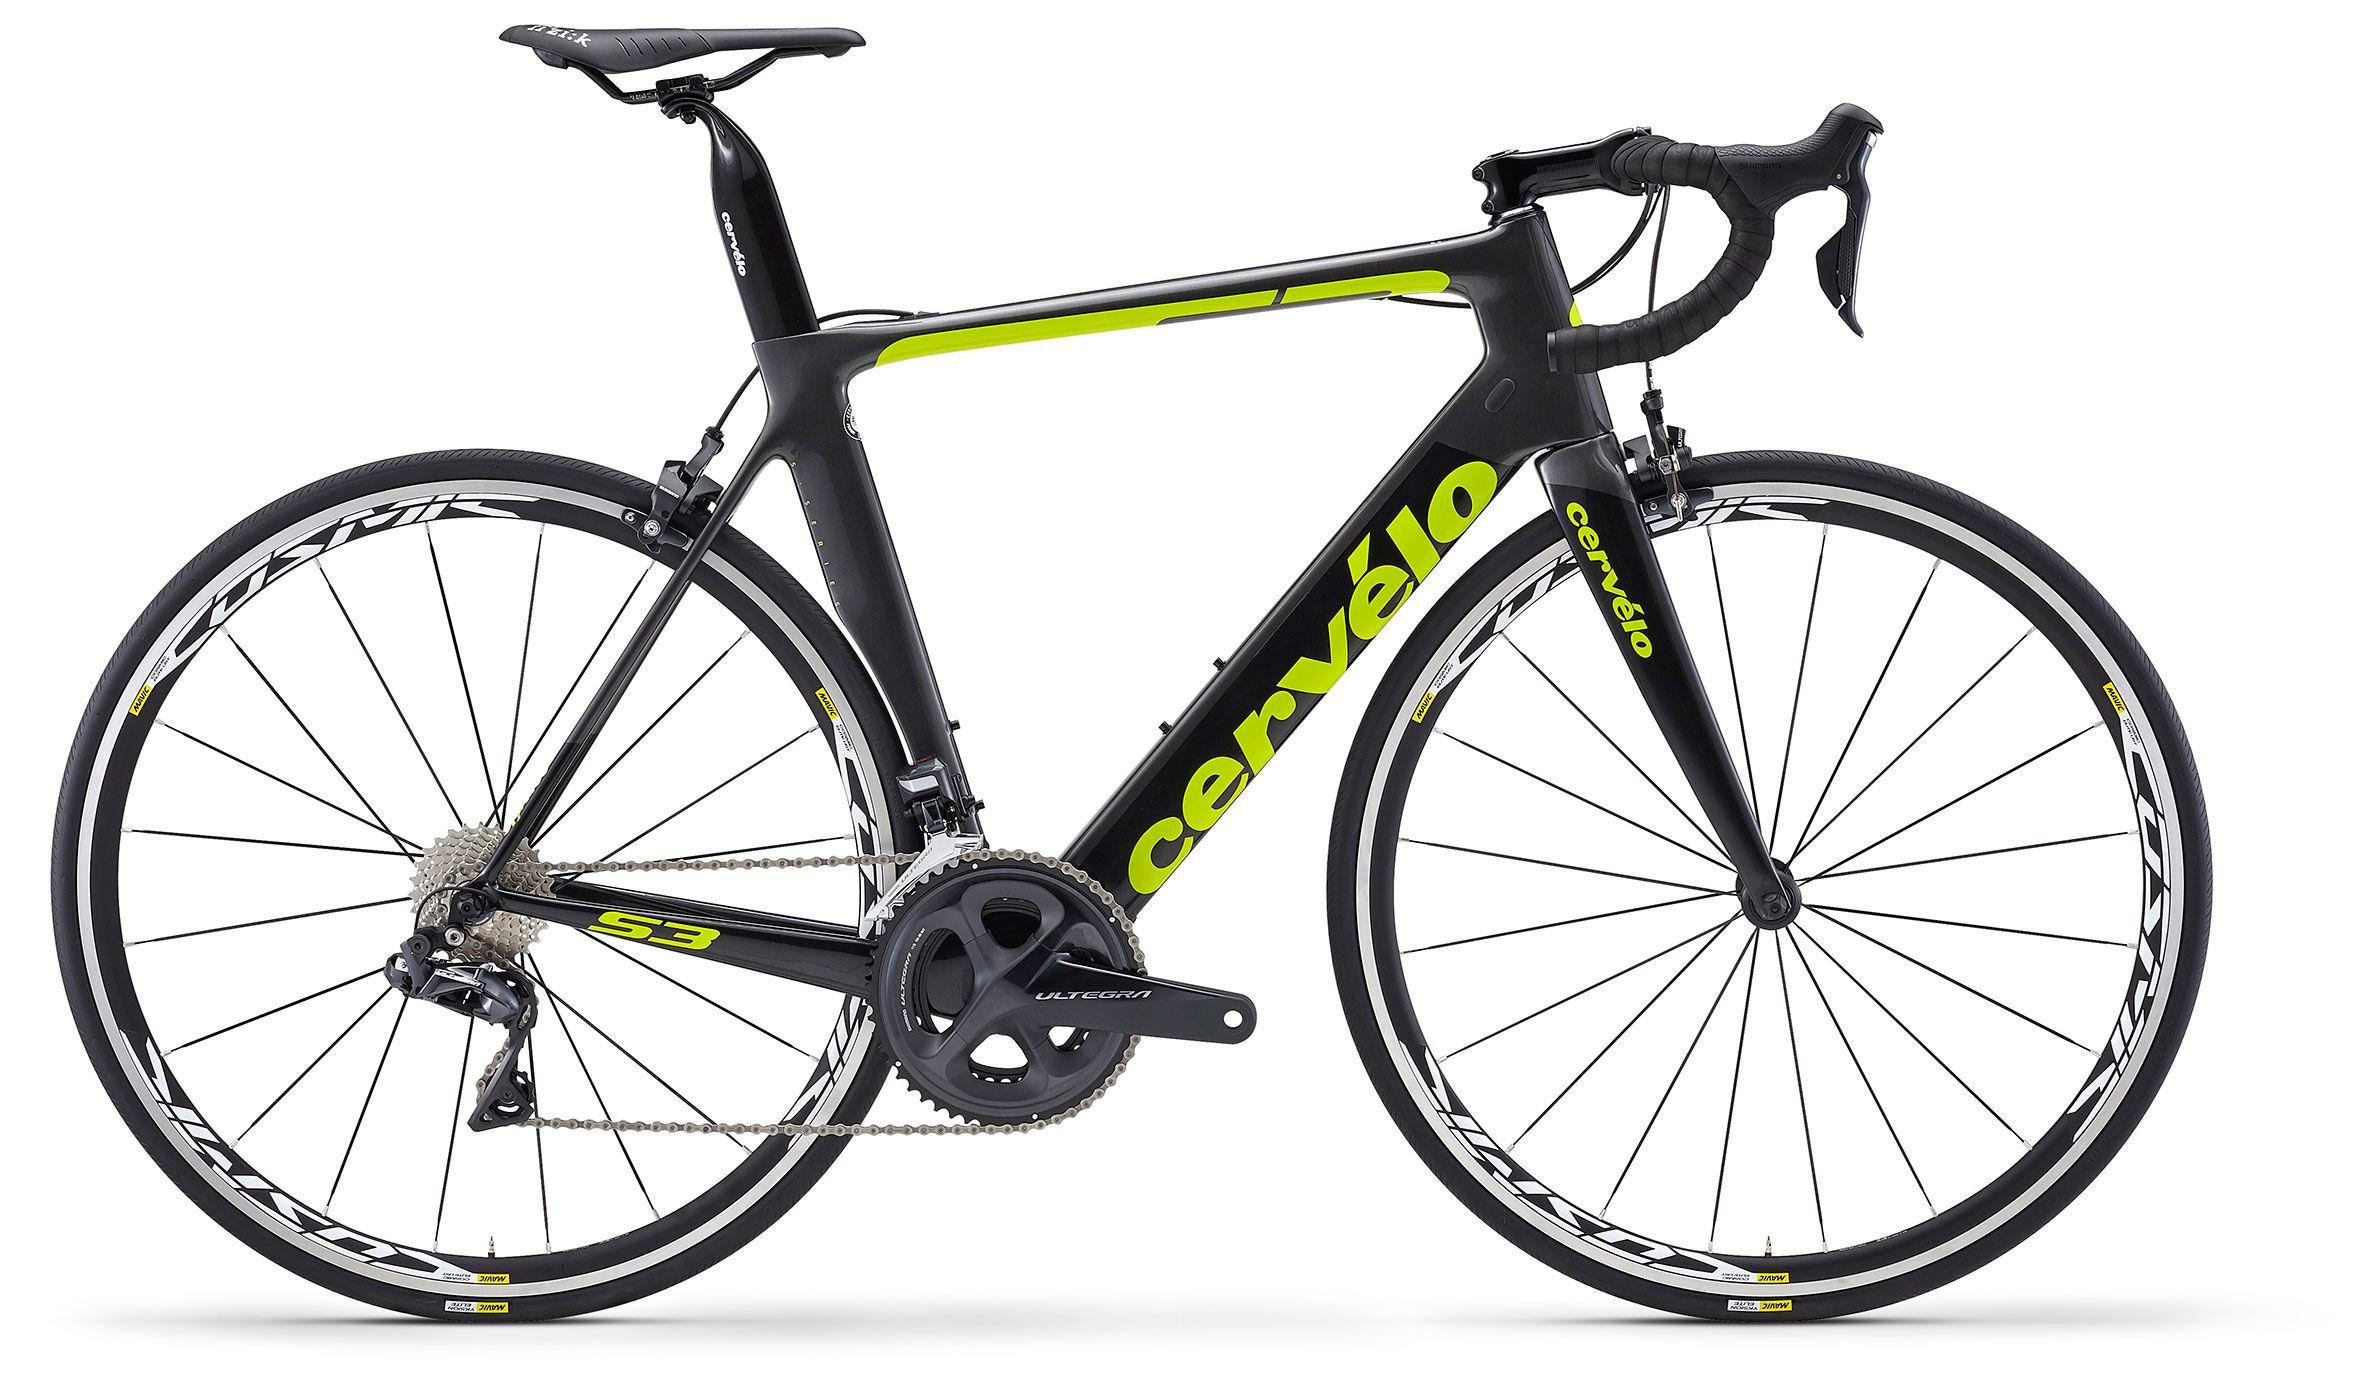 Велосипед Cervelo S3 Ultegra Di2 2018 велосипед cervelo c3 ultegra di2 2018